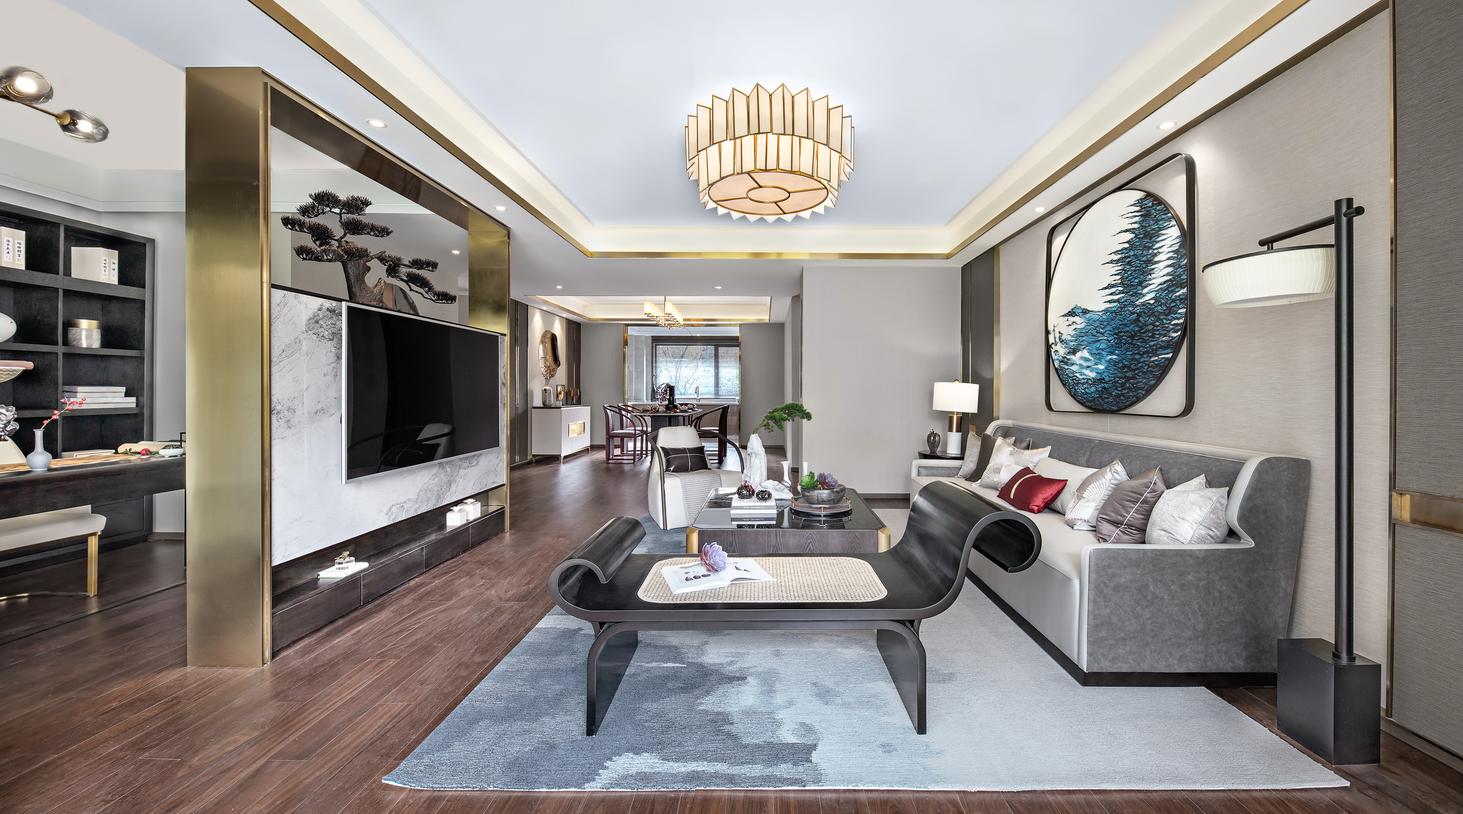 质朴198平中式样板间客厅装饰美图客厅中式现代客厅设计图片赏析